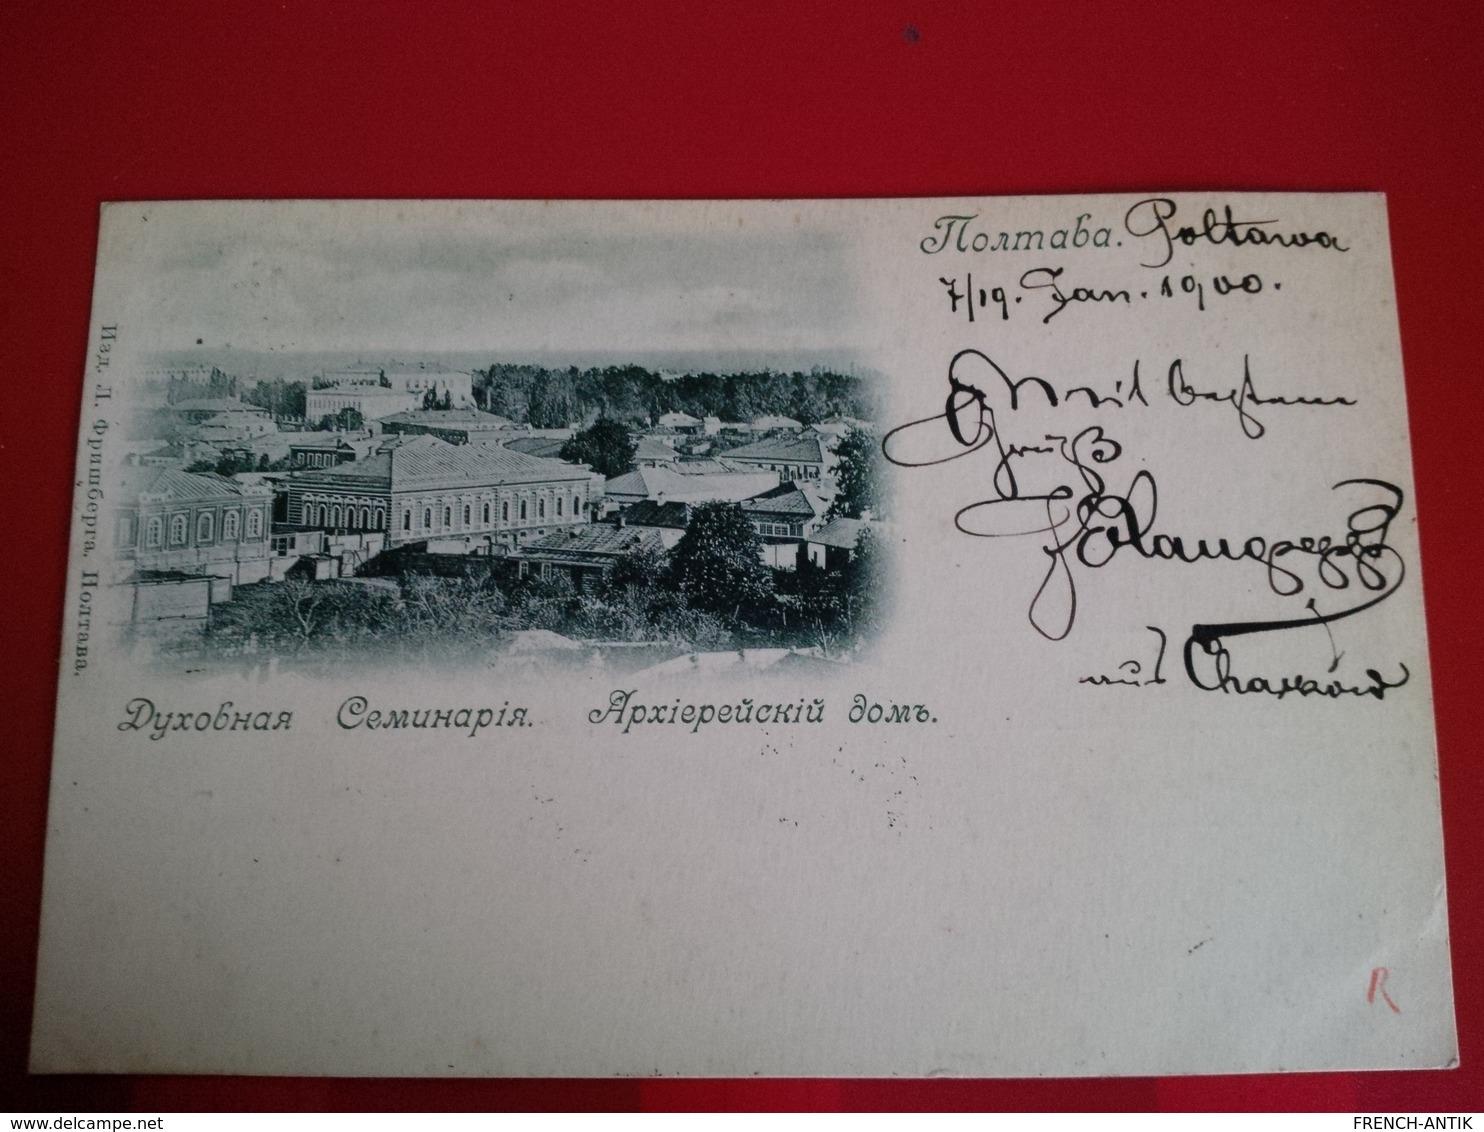 POLTAWA POLTAVA 1900 - Ukraine